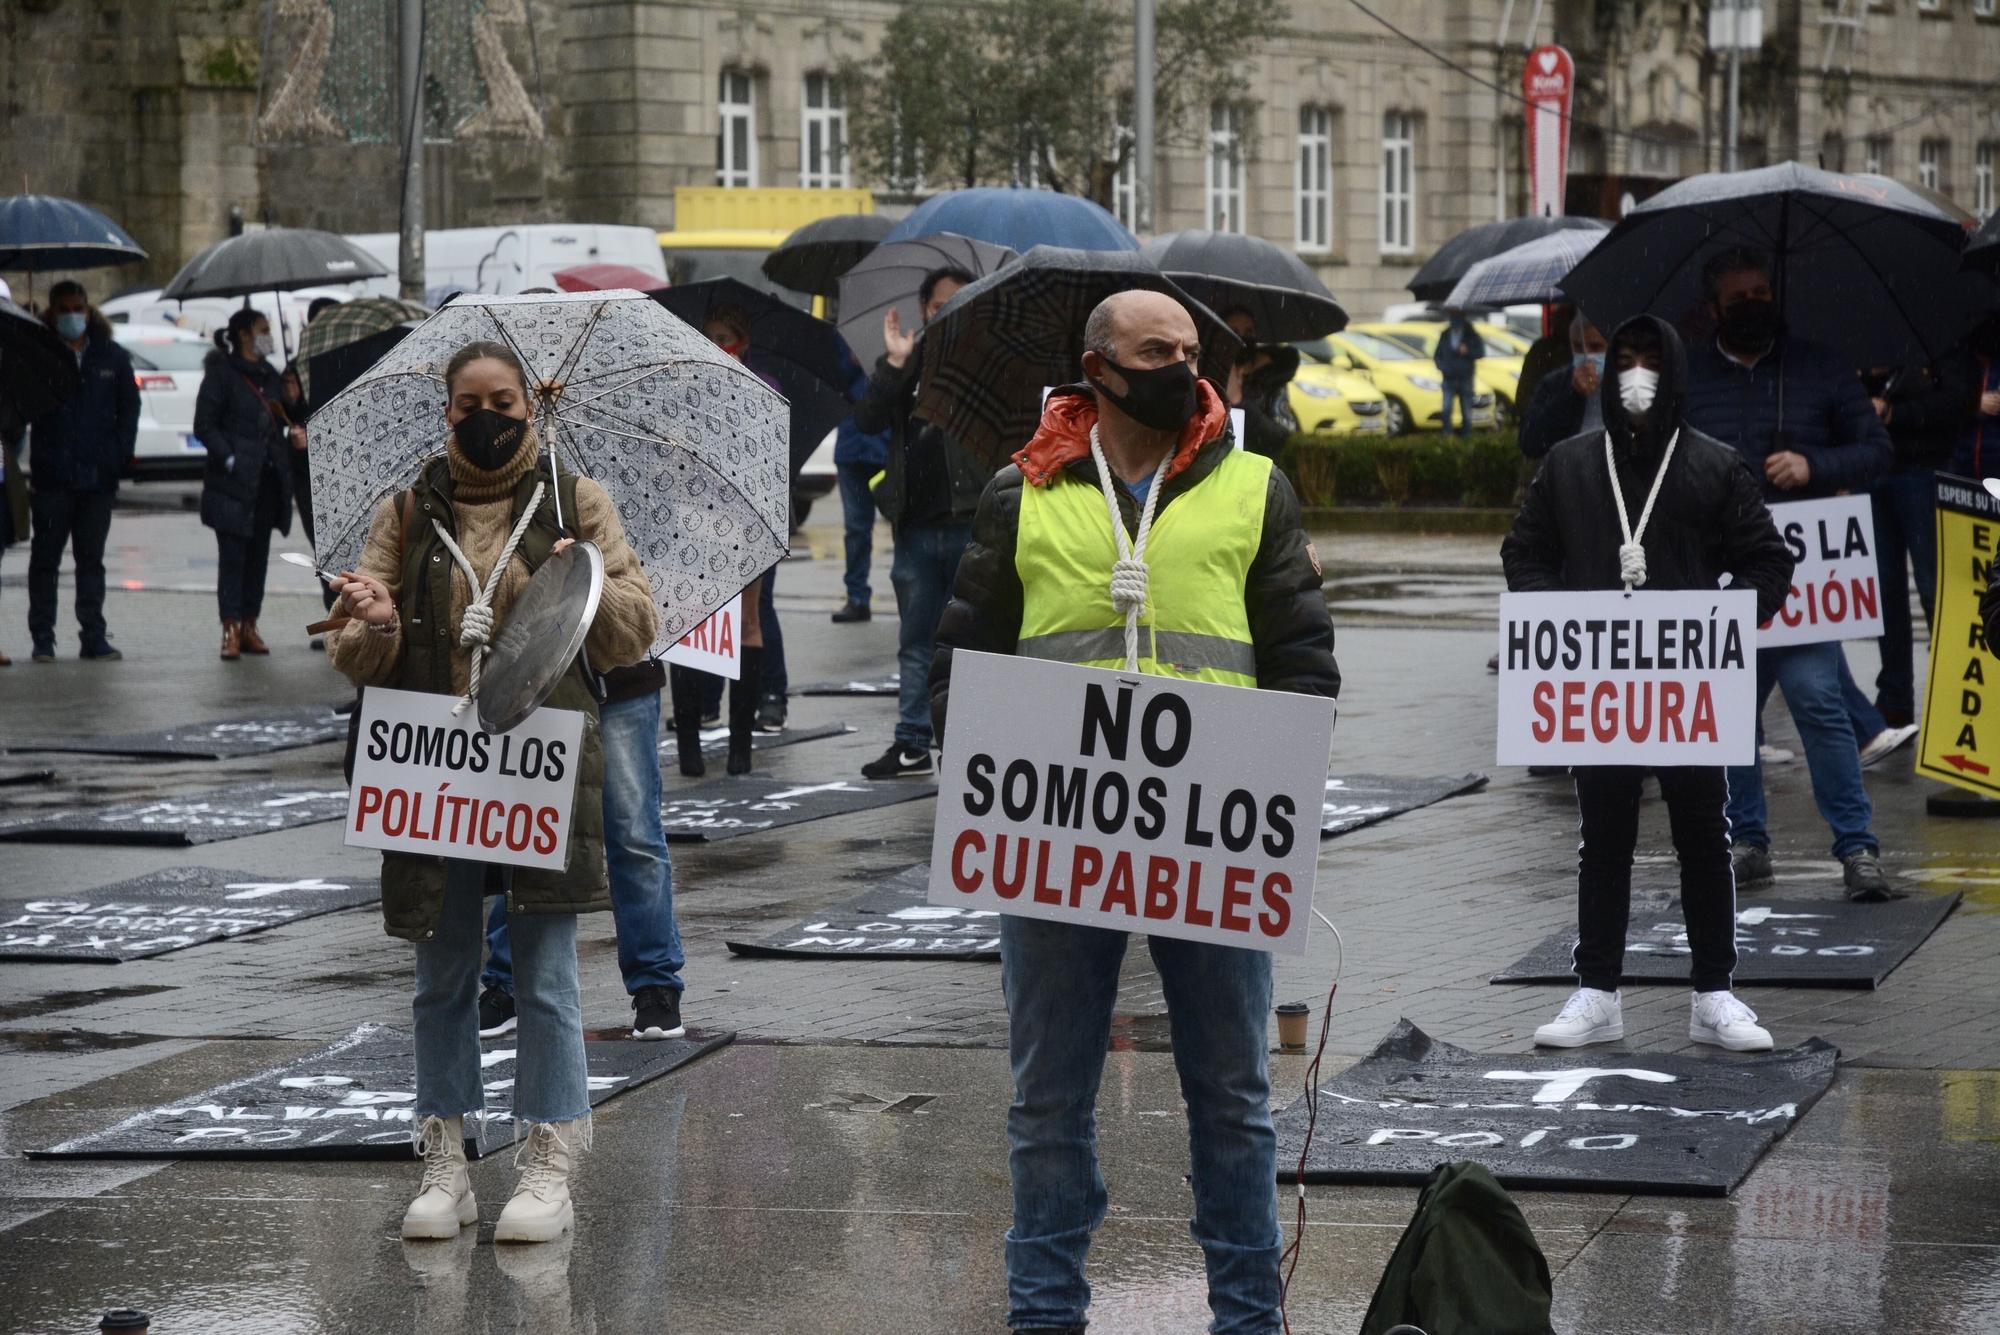 Los hosteleros de Pontevedra, Marín y Poio asisten a su propio entierro